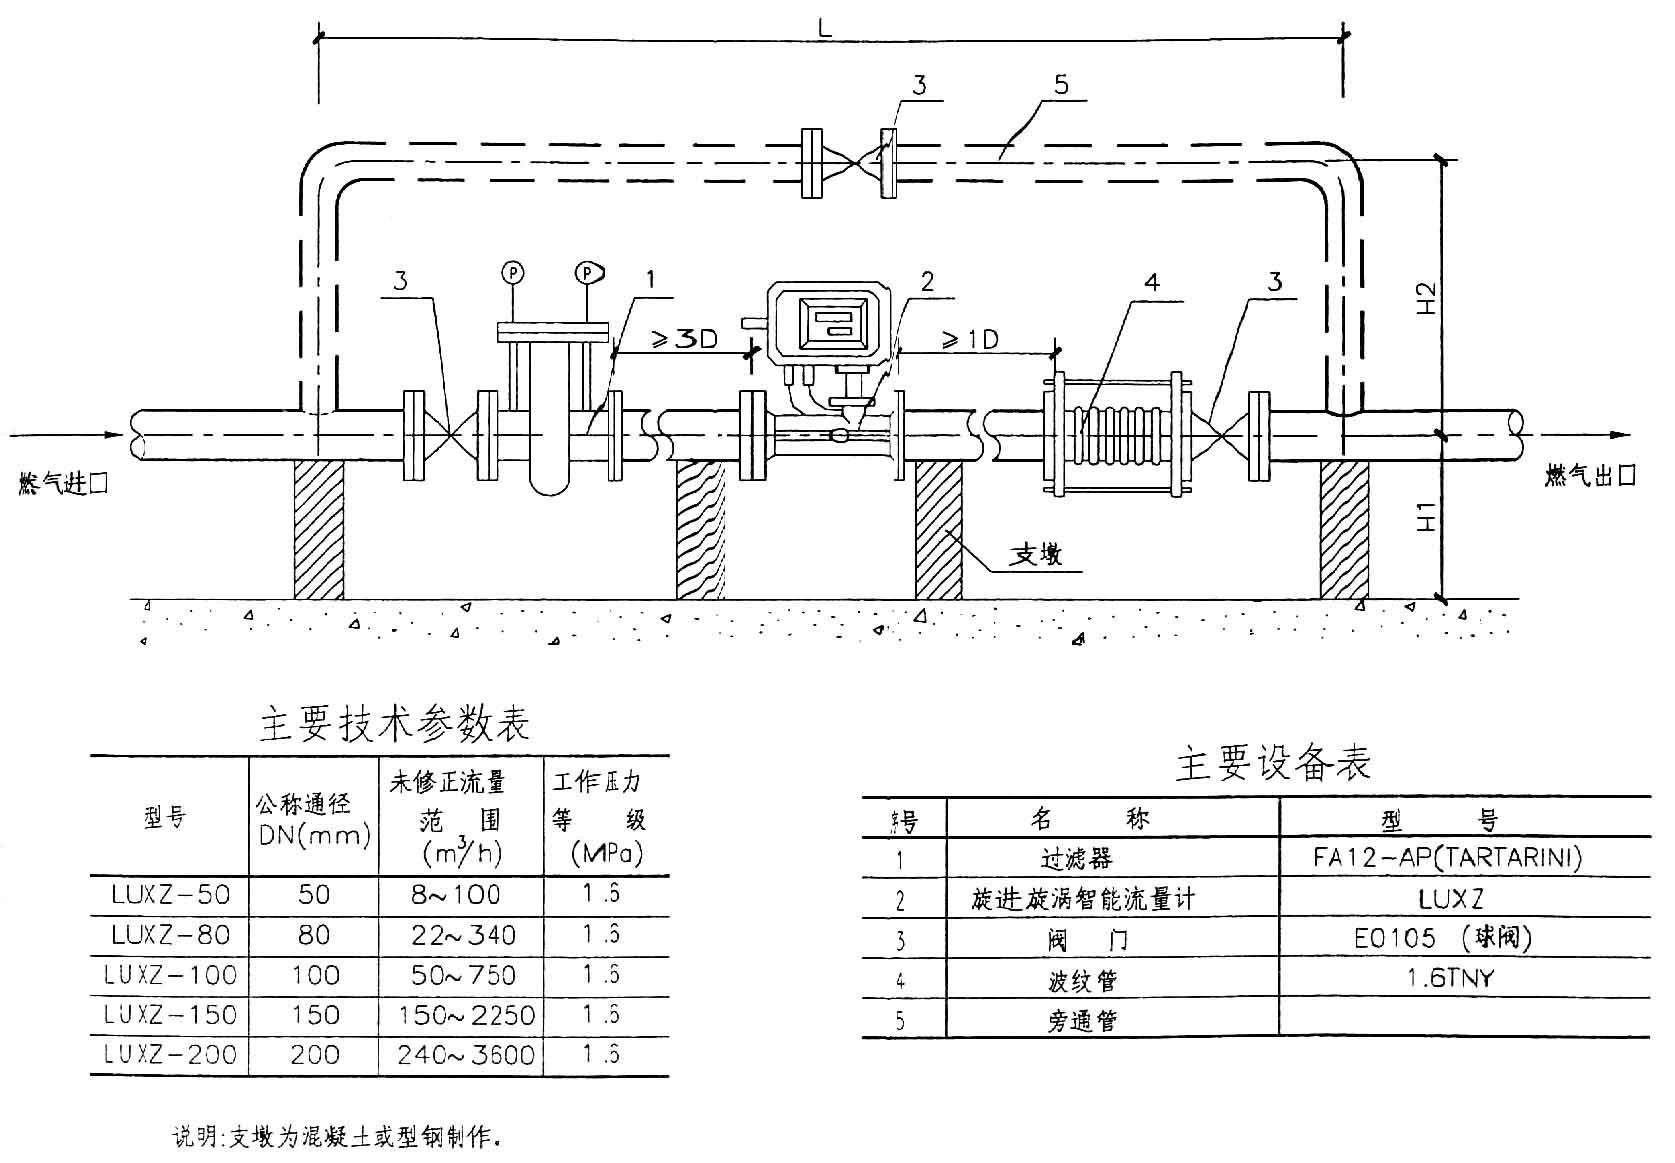 管道压缩空气流量计参数 : 张  压缩空气流量计概述 压缩空气流量计是更具卡门涡街理论,利用了流体的自然振动原理,以压电晶体或差动电容作为检测部件而制成的一种速度式流量仪表。 该仪表采用独特的差动技术,配合隔离、屏蔽、滤波等措施,克服了同类产品抗震性差、小信号数据紊乱等问题,并采用了独特的检测探头封装新技术和防护措施,保证了产品的可靠性。产品有管道式和插入式两种结构型式,每种型式都有高温、高压、防腐、防爆、温压补偿一体型等规格,又有整体和分体结构,以适应不同的测量介质和安装环境。 该仪表具有量程比宽,精度